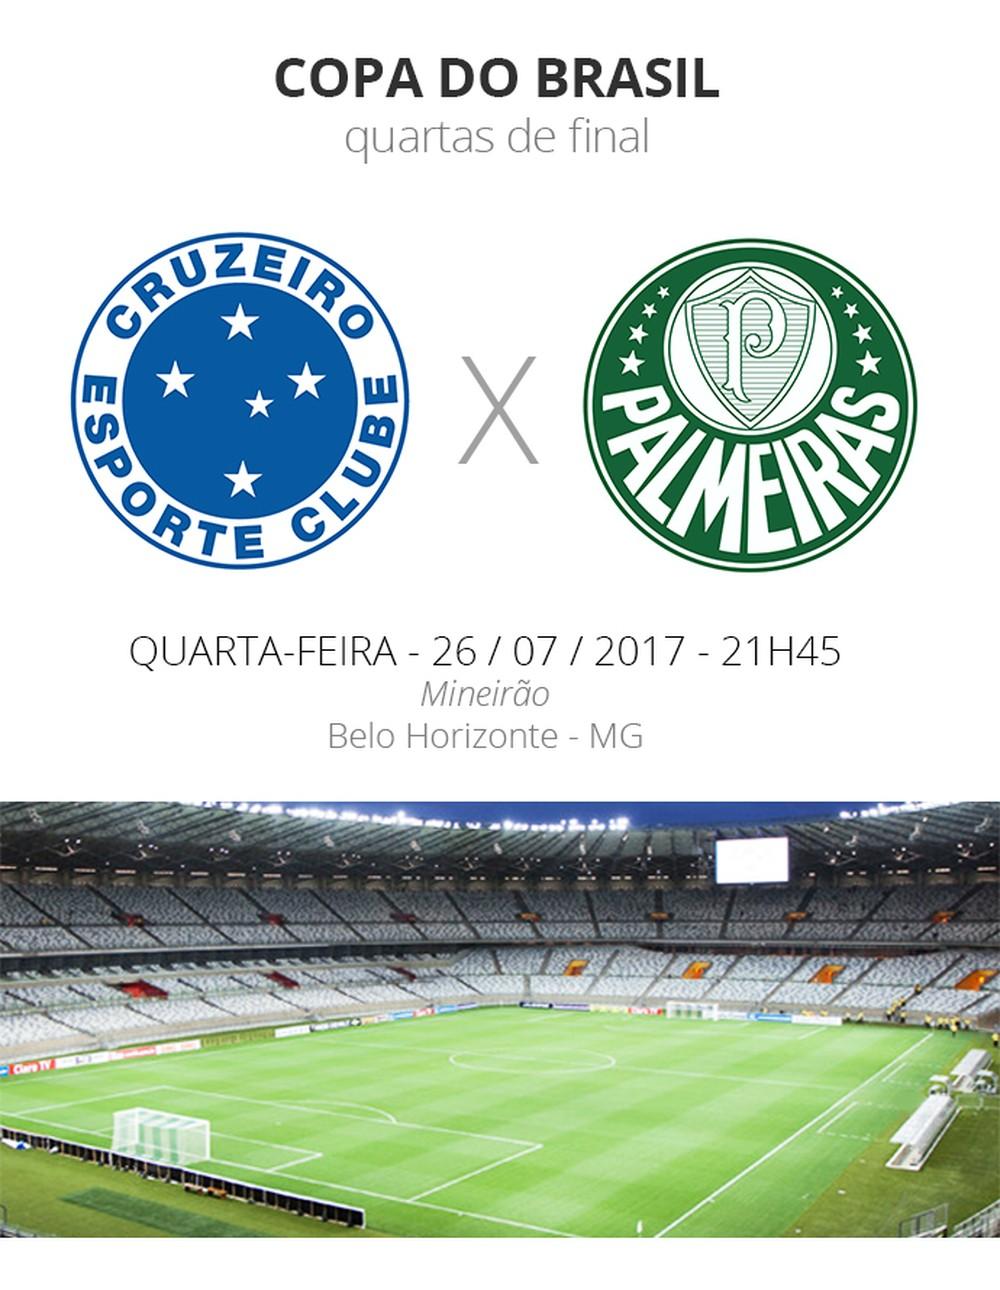 Quartas da Copa do Brasil: tudo o que você precisa saber sobre Cruzeiro x Palmeiras